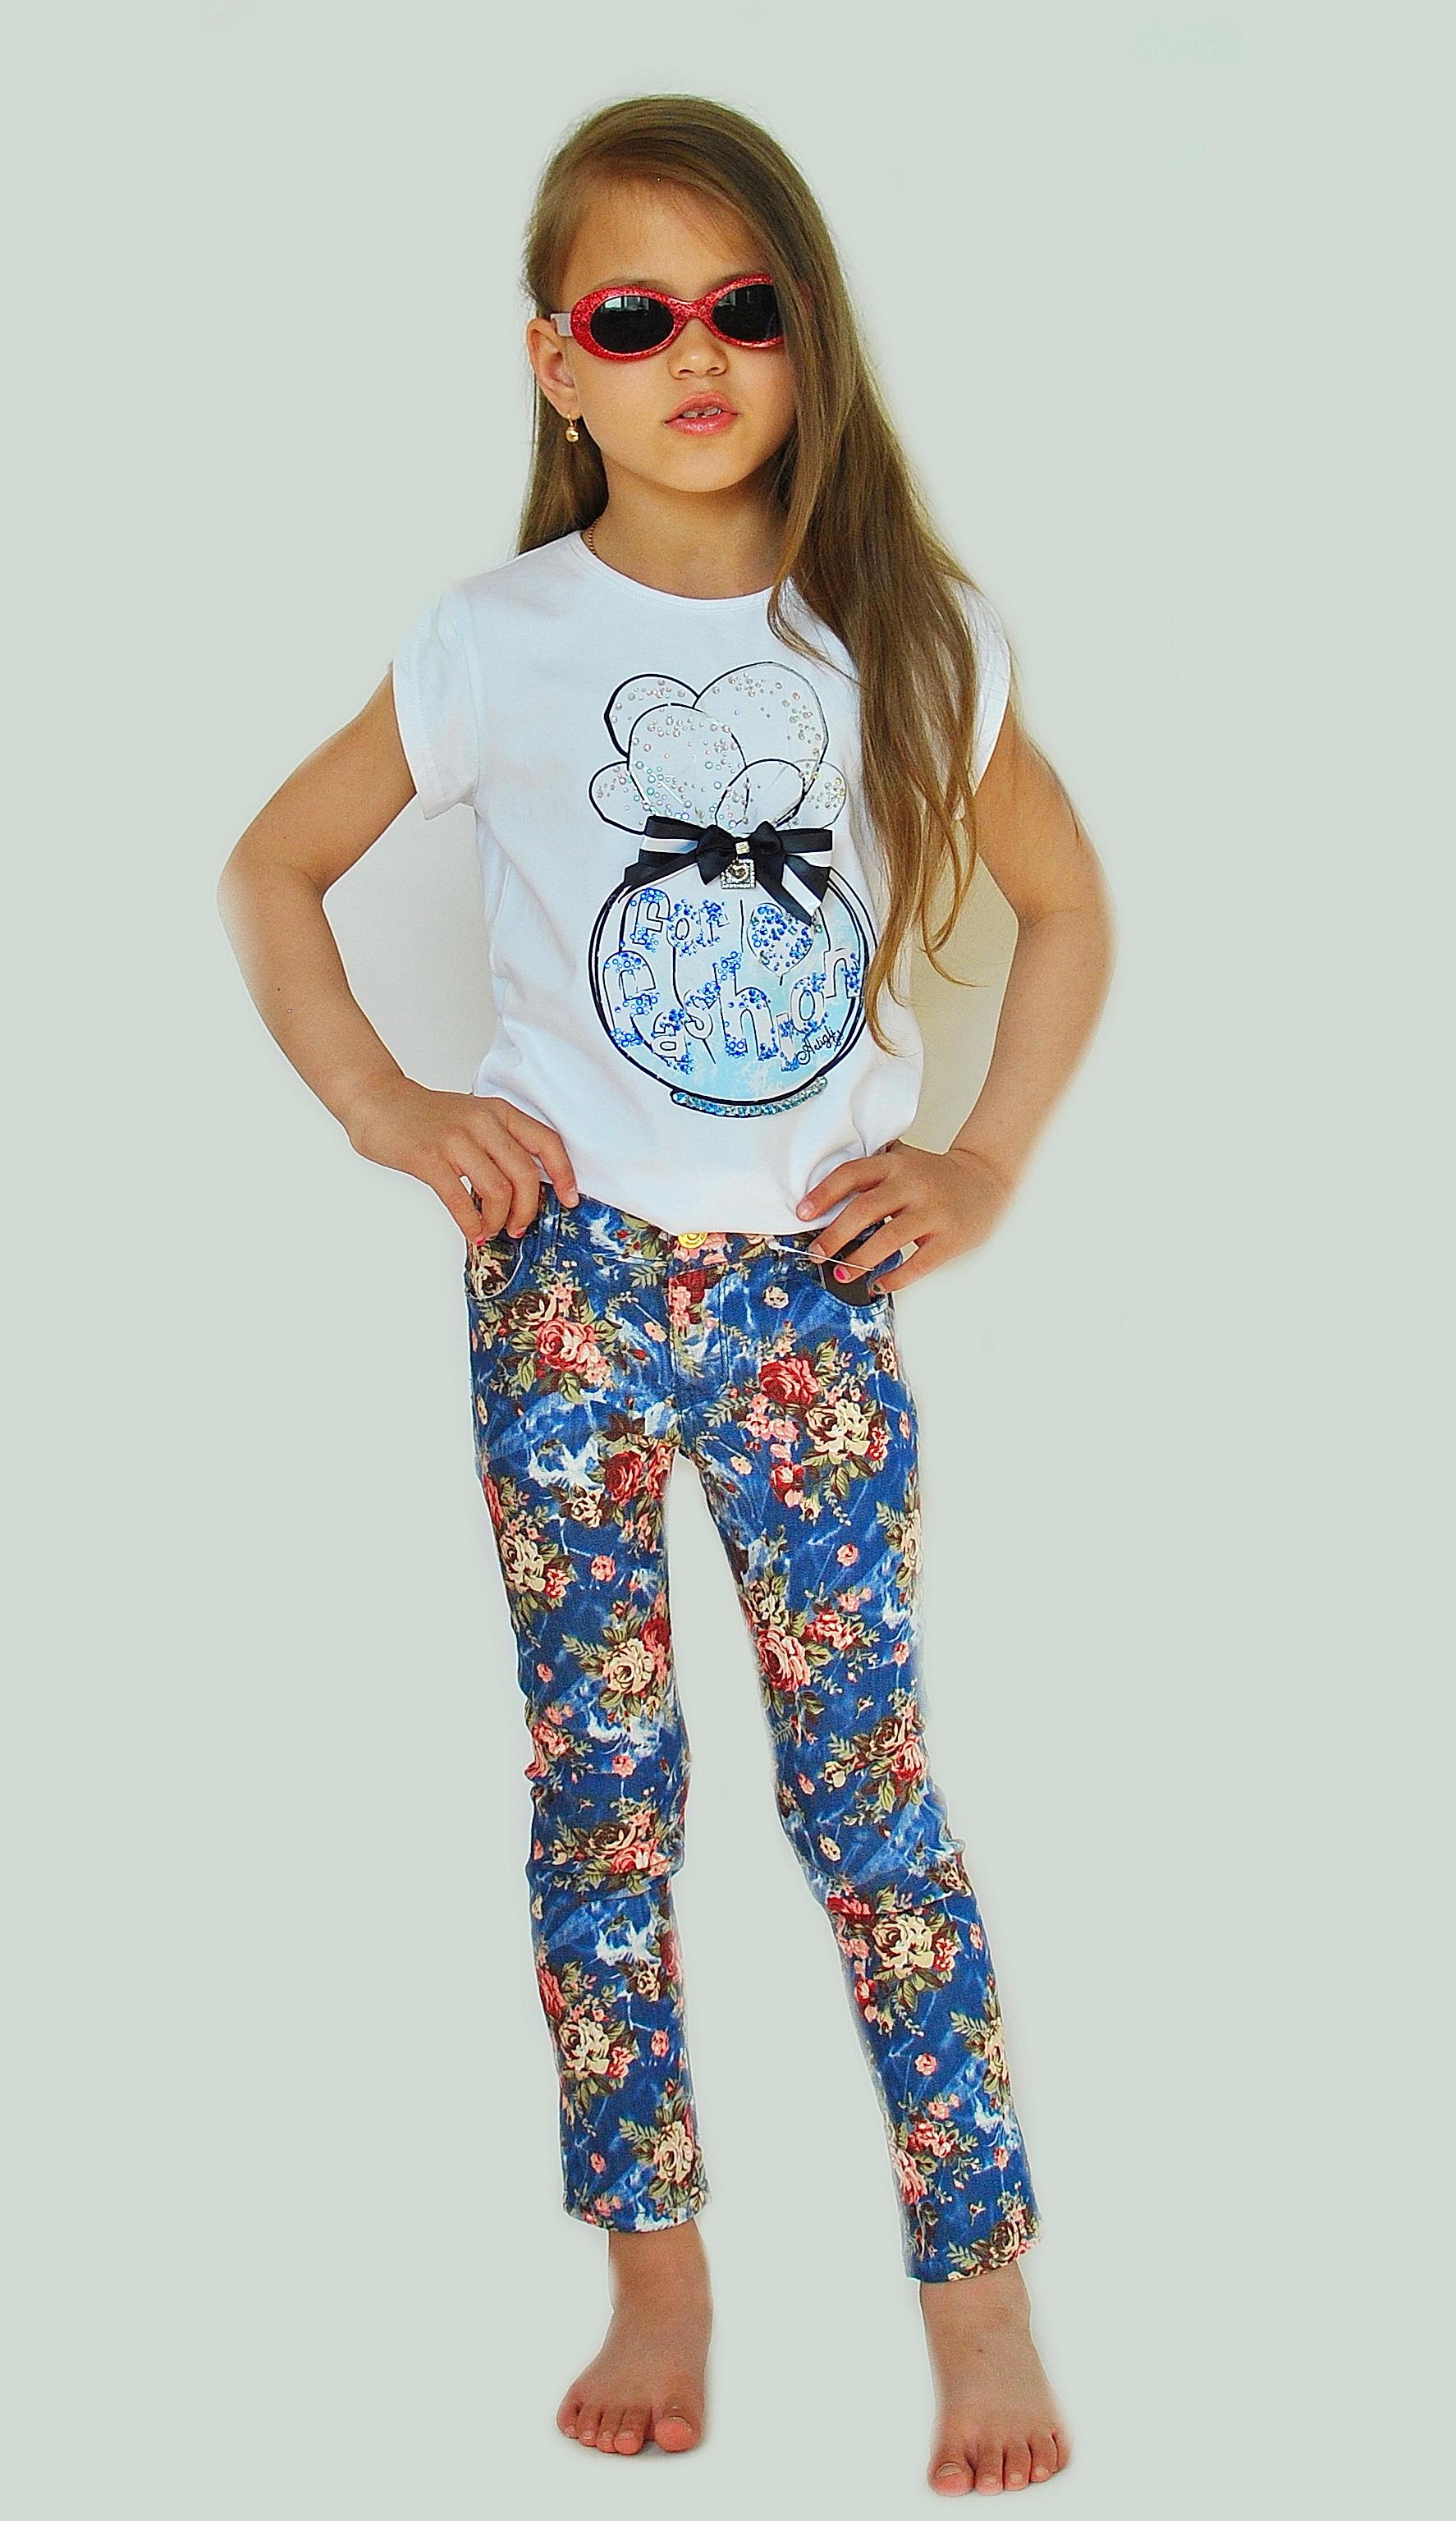 Фото 4: Яркие джинсы Catimini для девочек